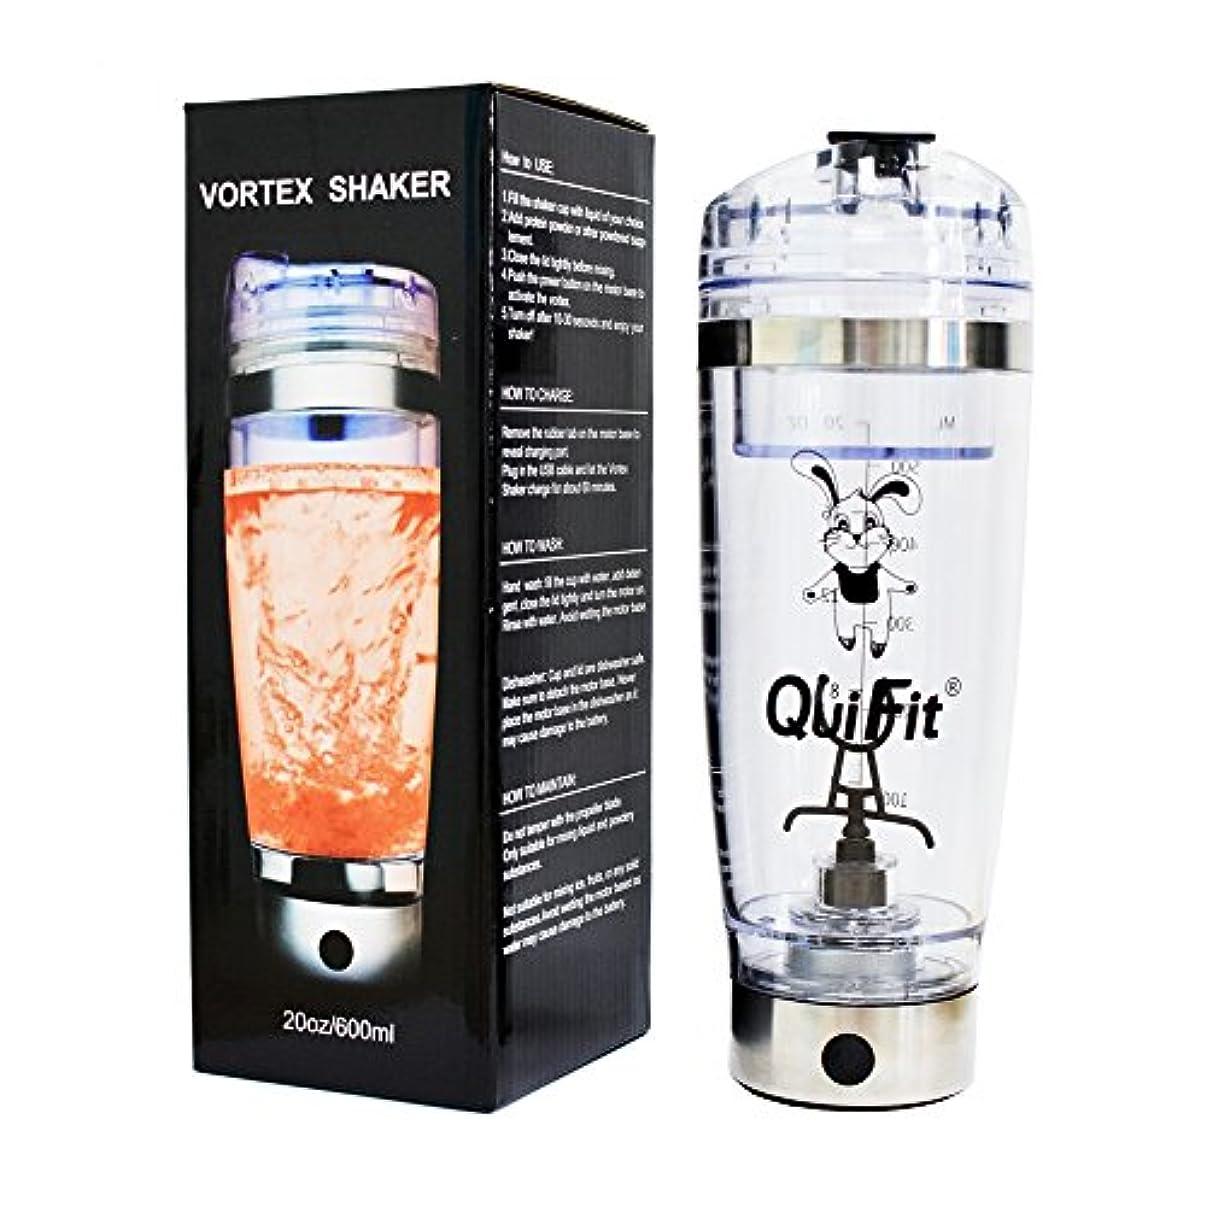 静かに周り自分電気タンパク質振動瓶、QuiFit 20 OZ USB充電式タンパク質スクロールカップ、パウダーシェイクに適した電動ポータブル自動ミキサー、100%リーク防止保証 - BPAなし (600ml)